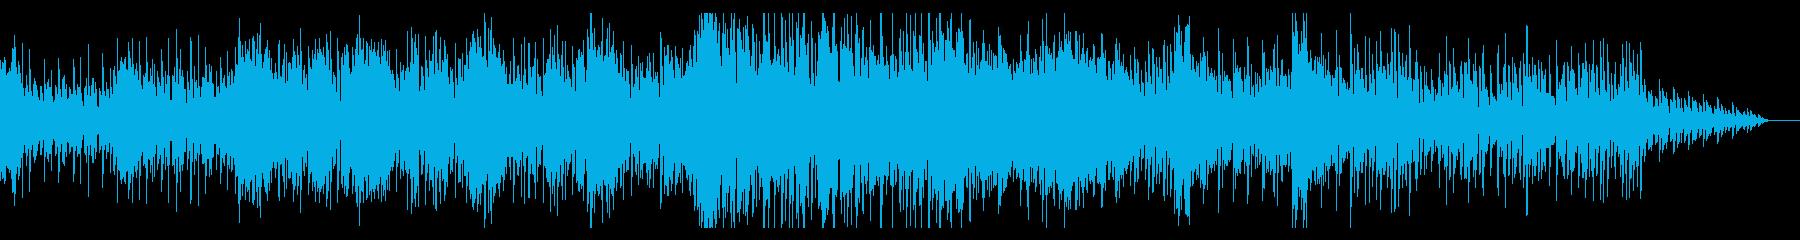 徐々に盛り上がるシネマティックBGMの再生済みの波形